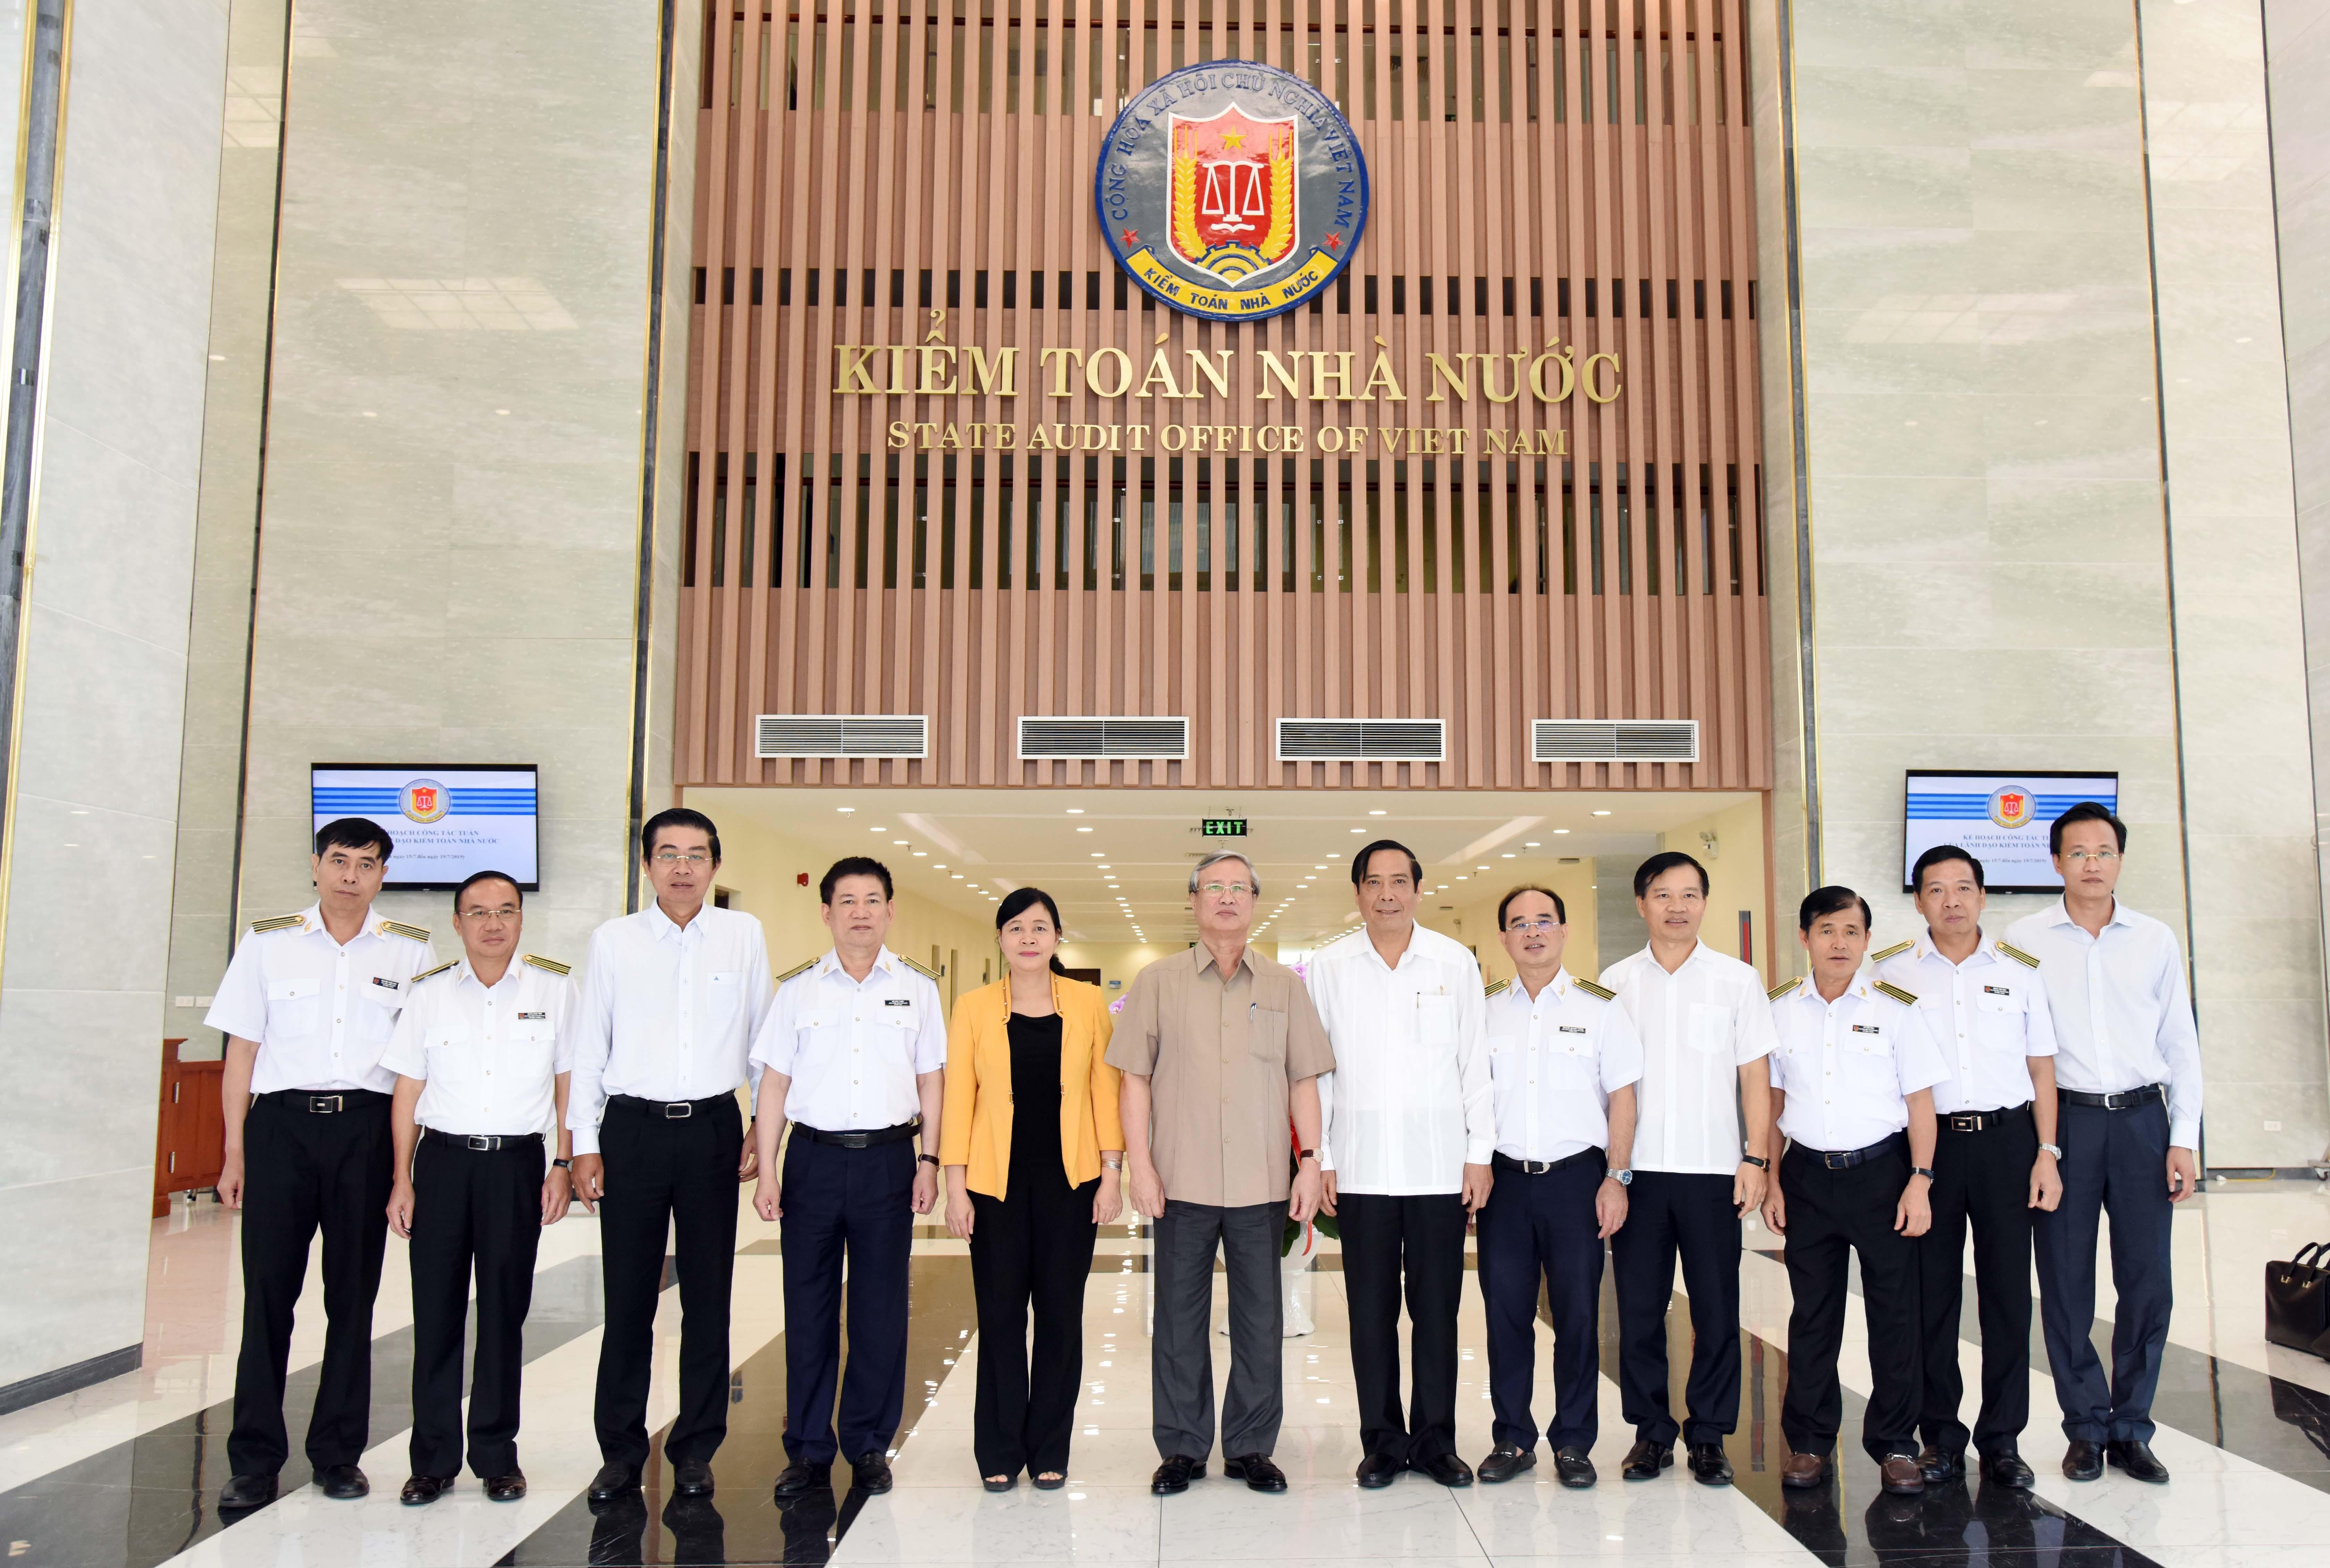 Một số hình ảnh đồng chí Trần Quốc Vượng thăm và làm việc với Kiểm toán Nhà nước